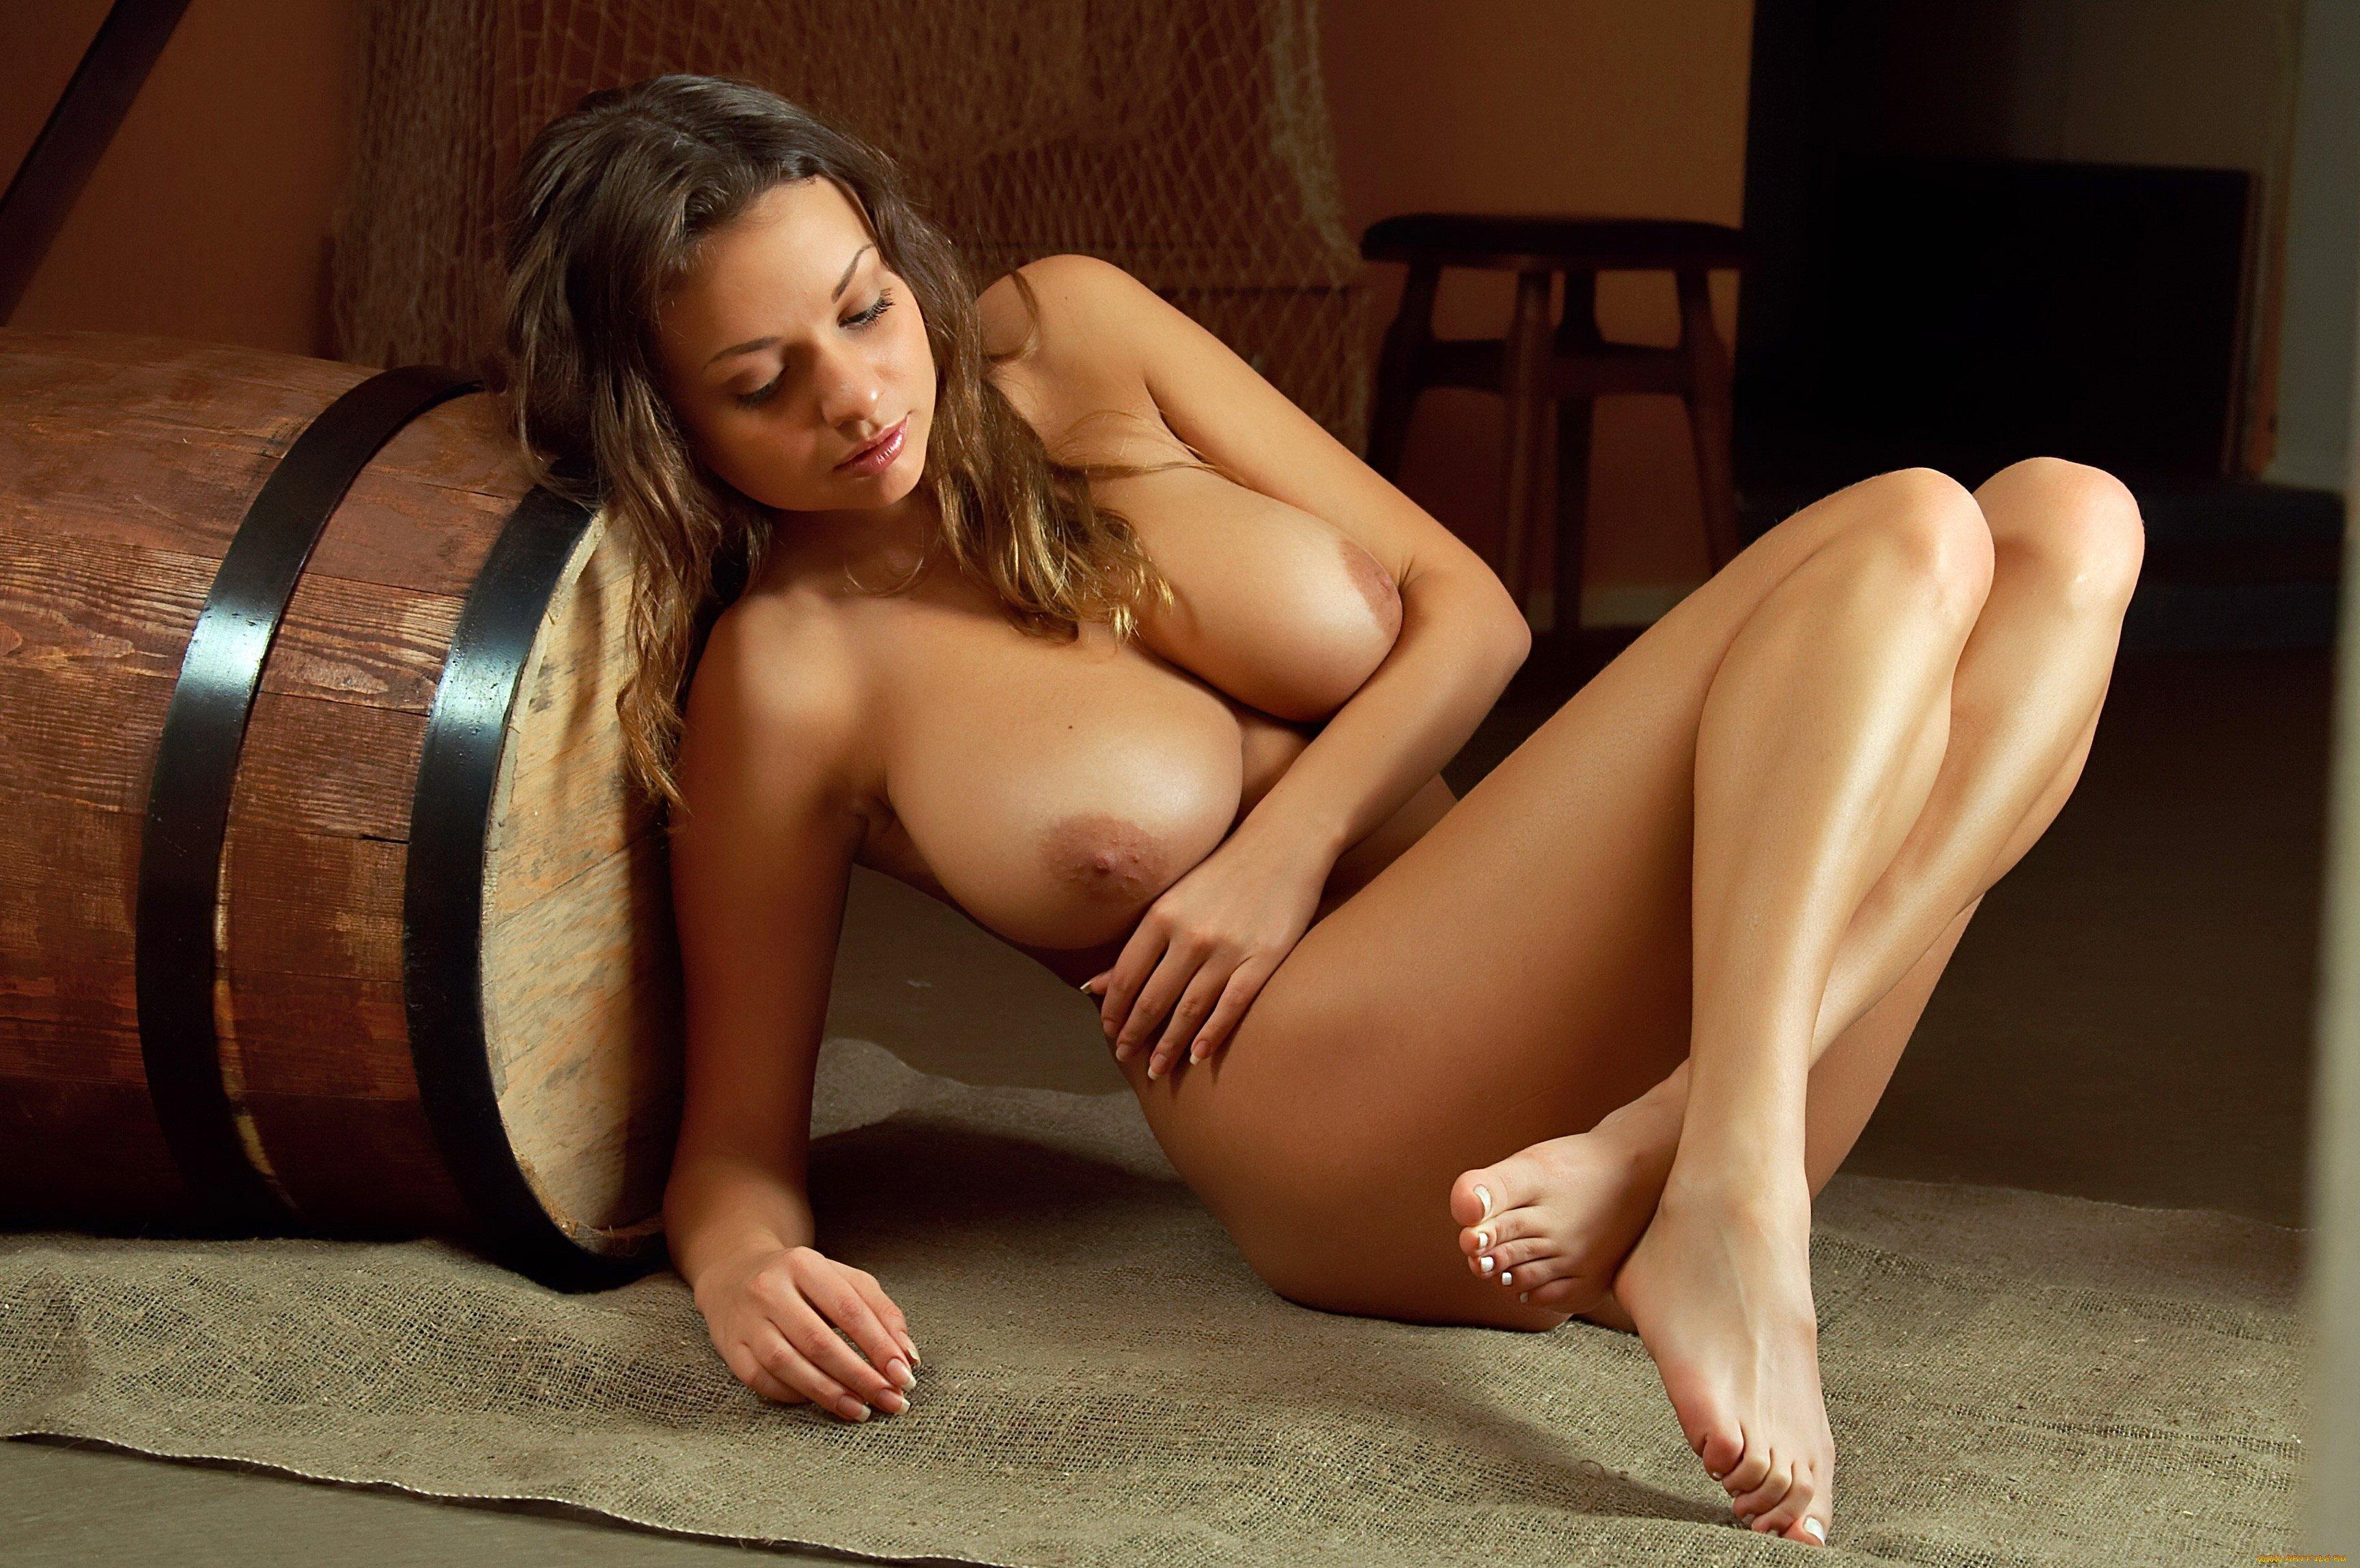 Sexy Nude Woman Pics